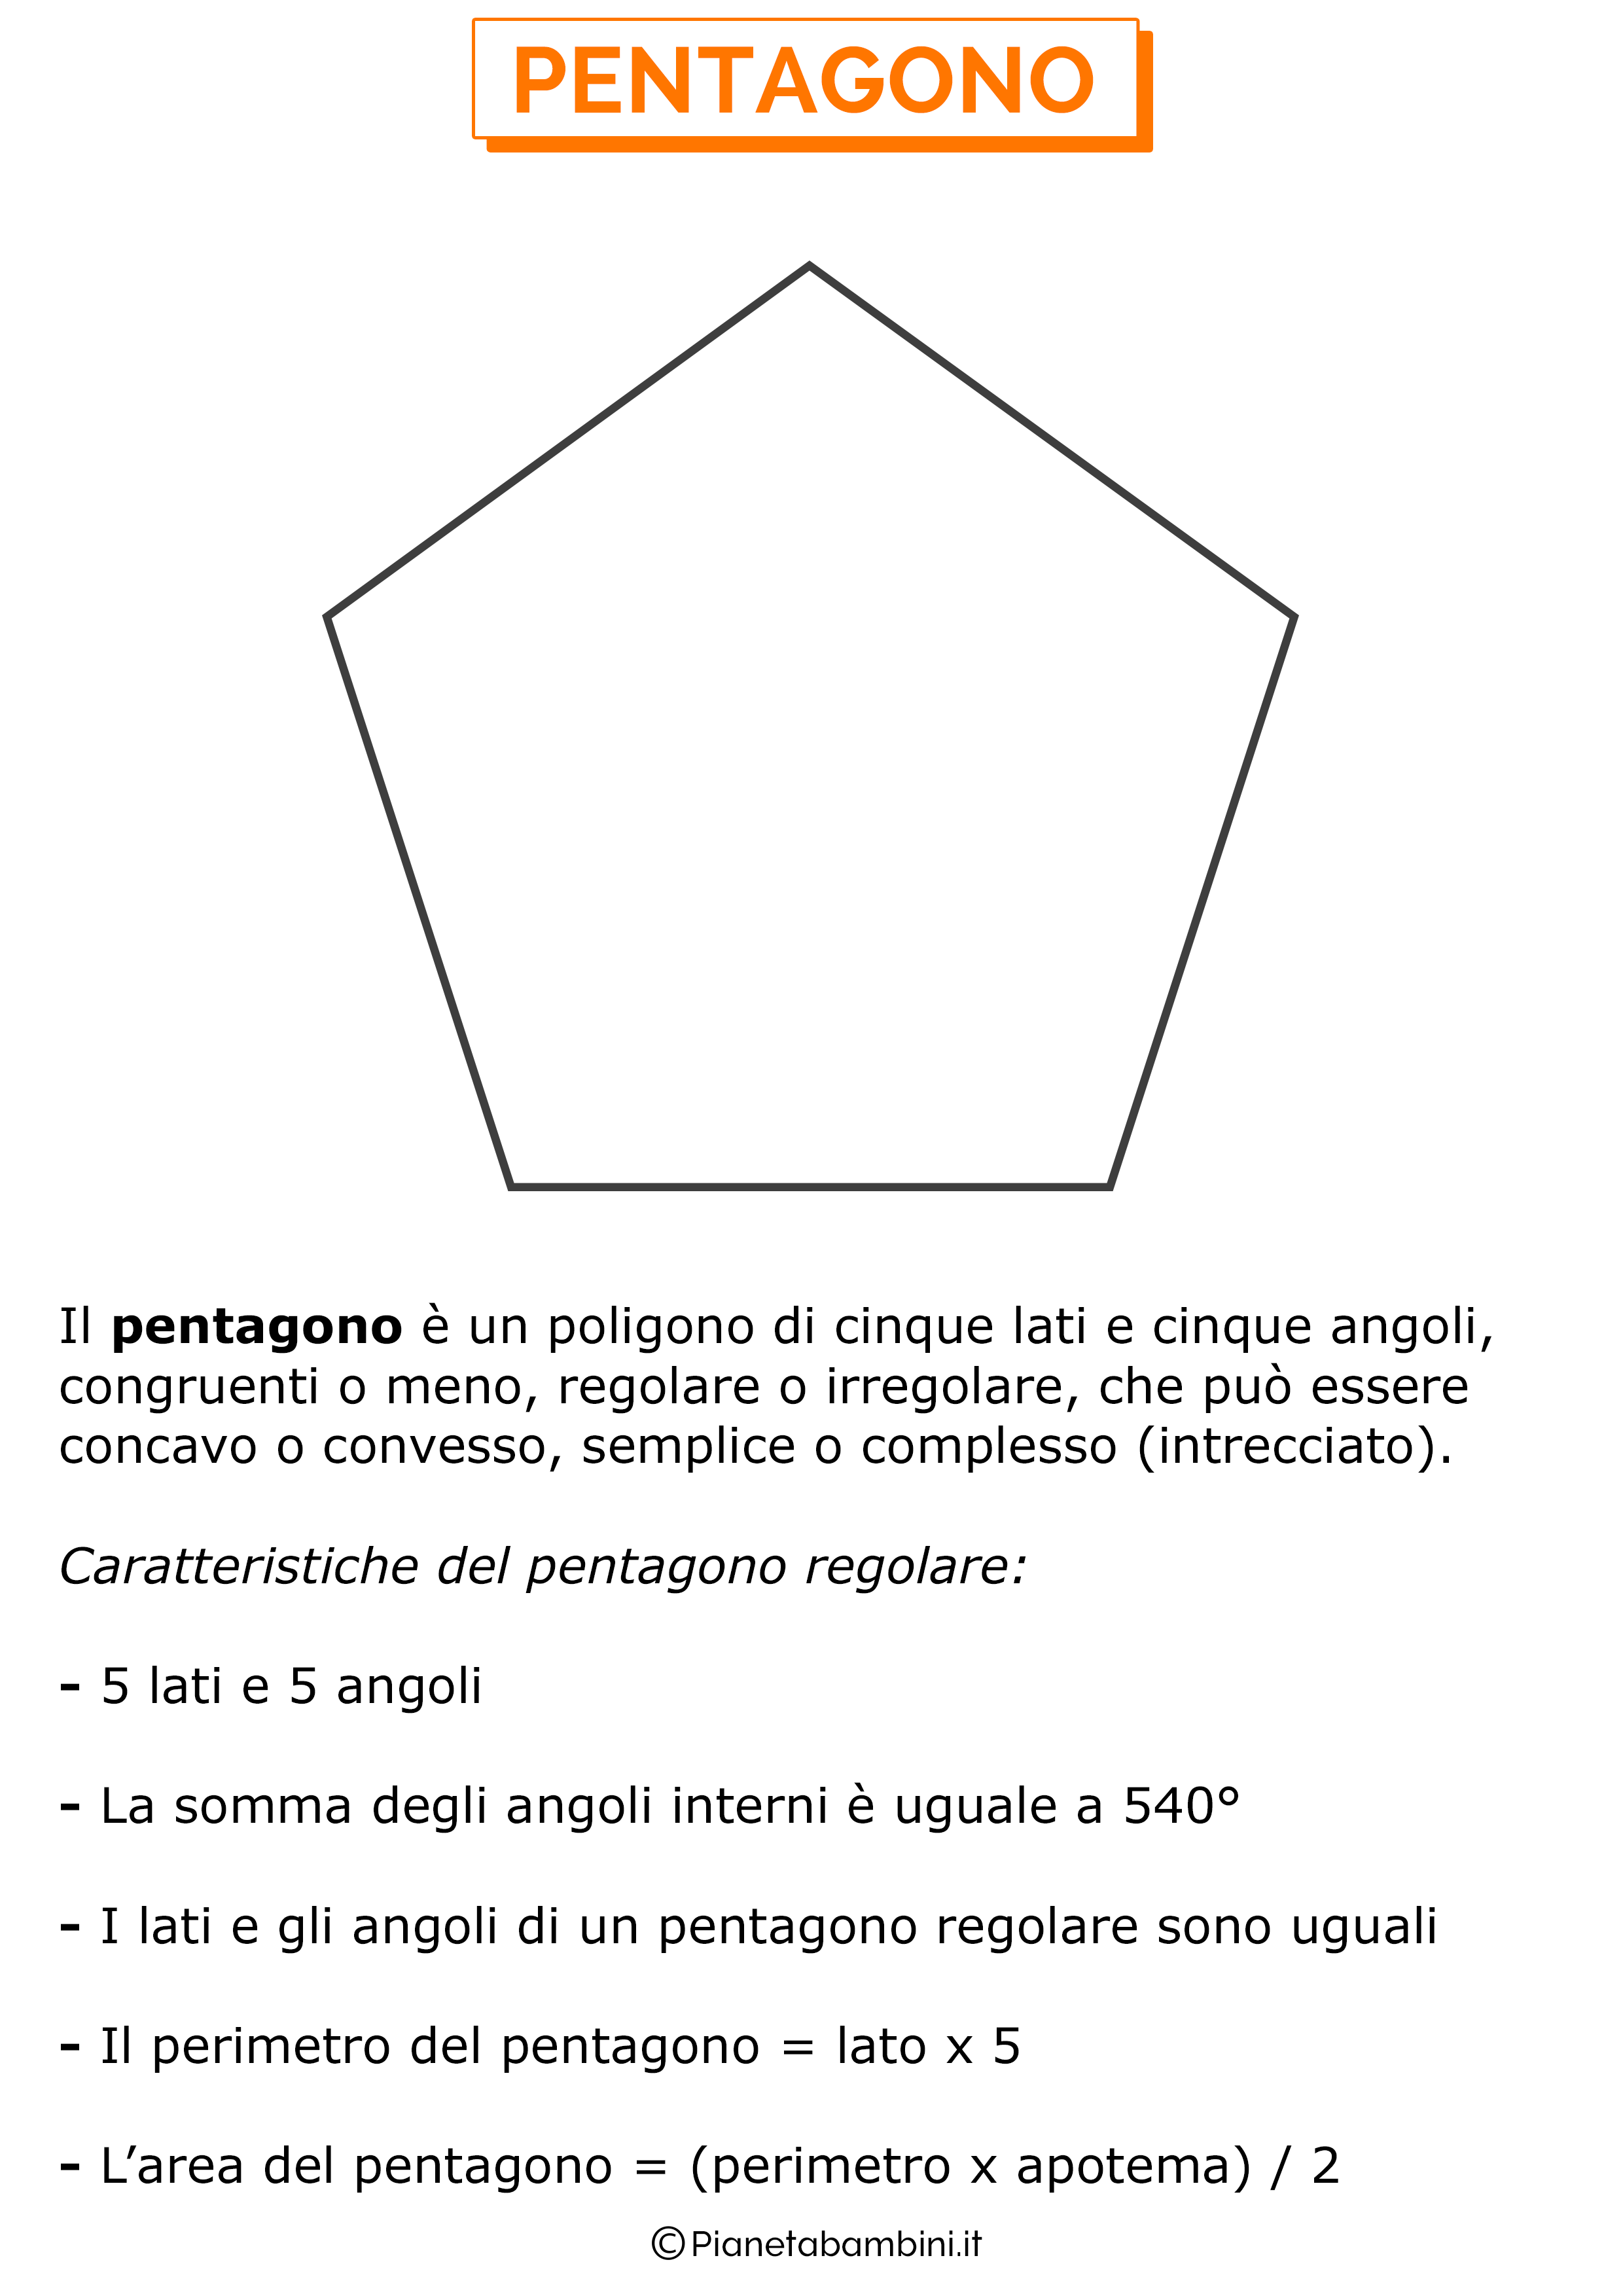 Caratteristiche del pentagono